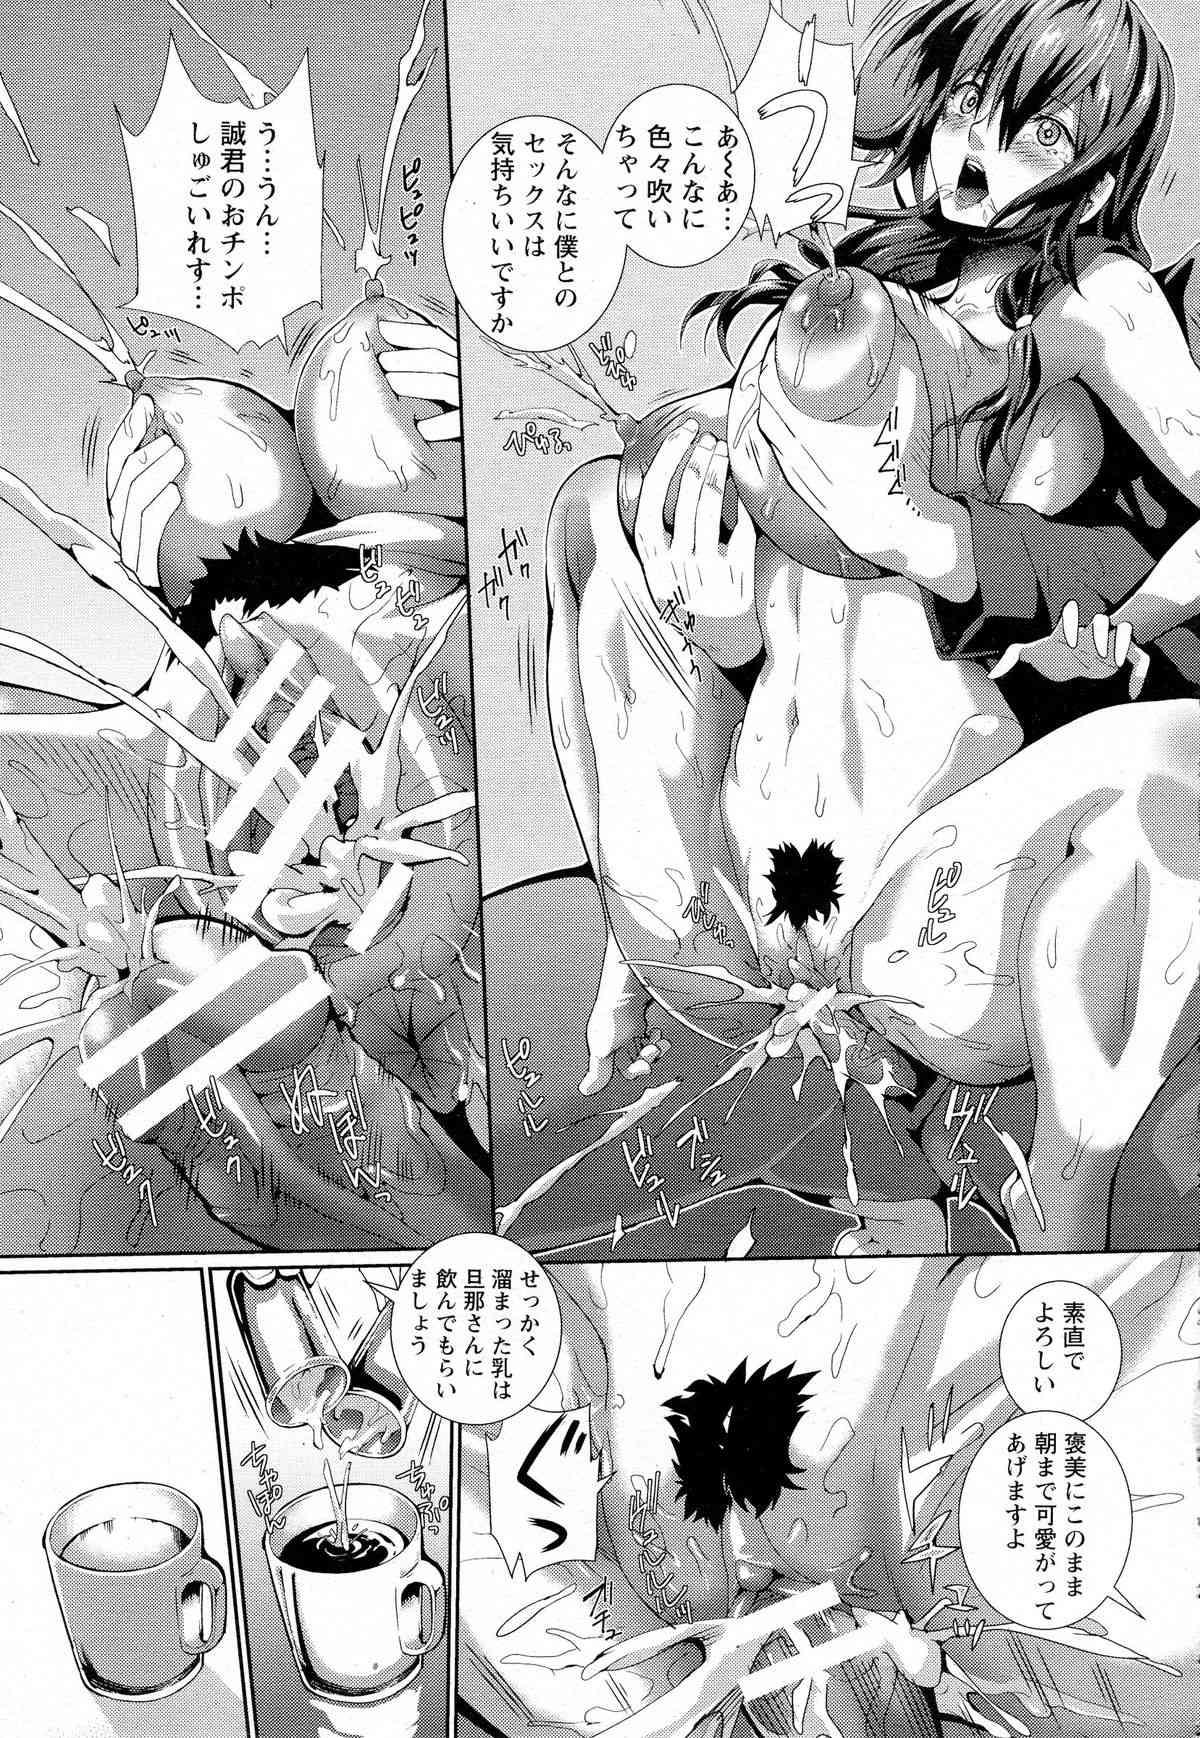 【エロ漫画】爆乳人妻が偶然再会した元カレにレイプされてしまい母乳を噴出しながら連続絶頂www